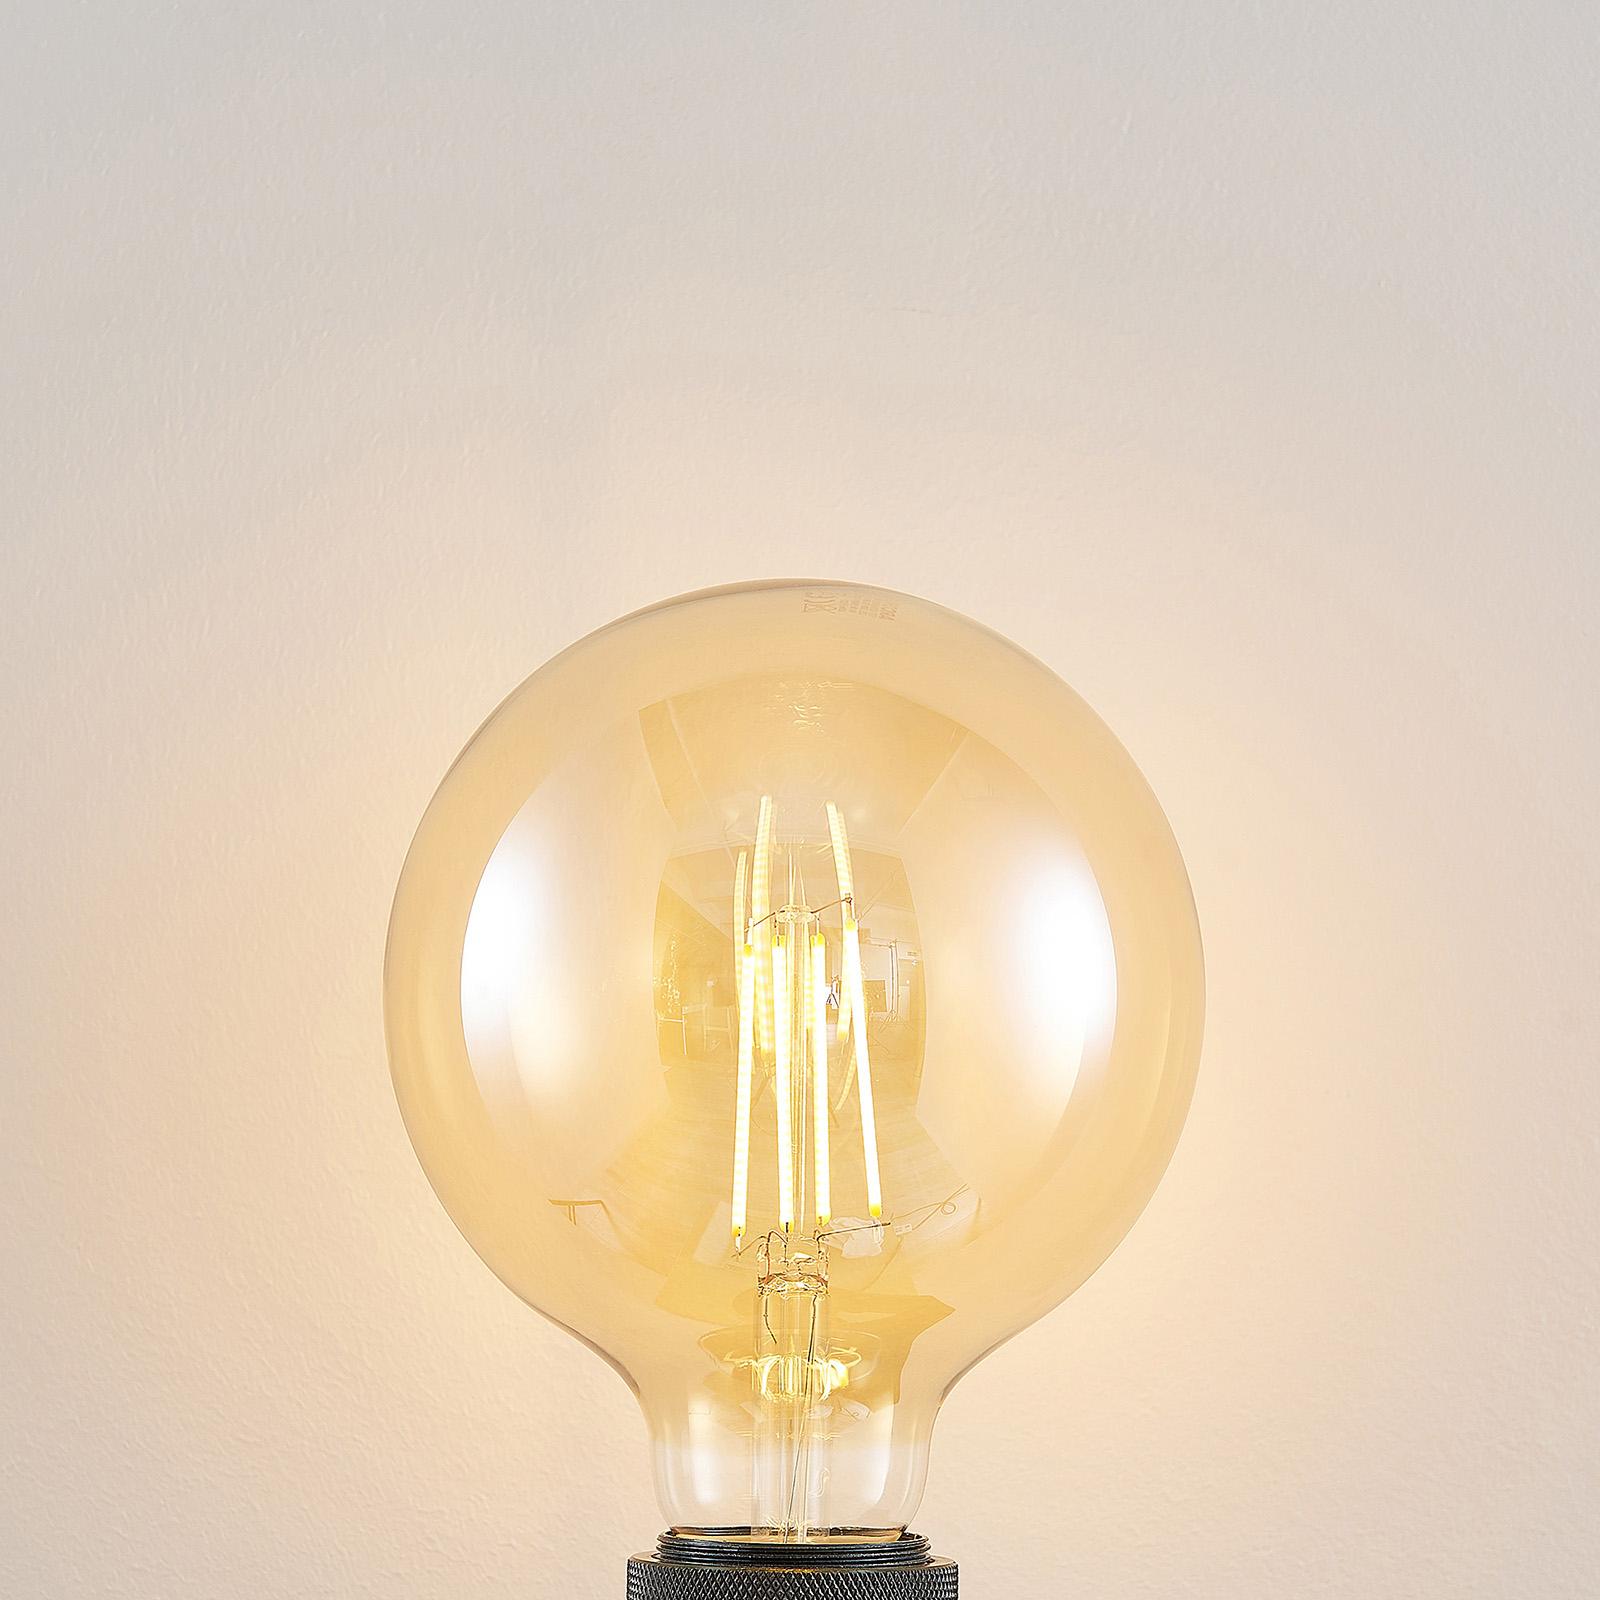 Lampadina LED E27 G125 6,5W 2.500K ambra, dimming